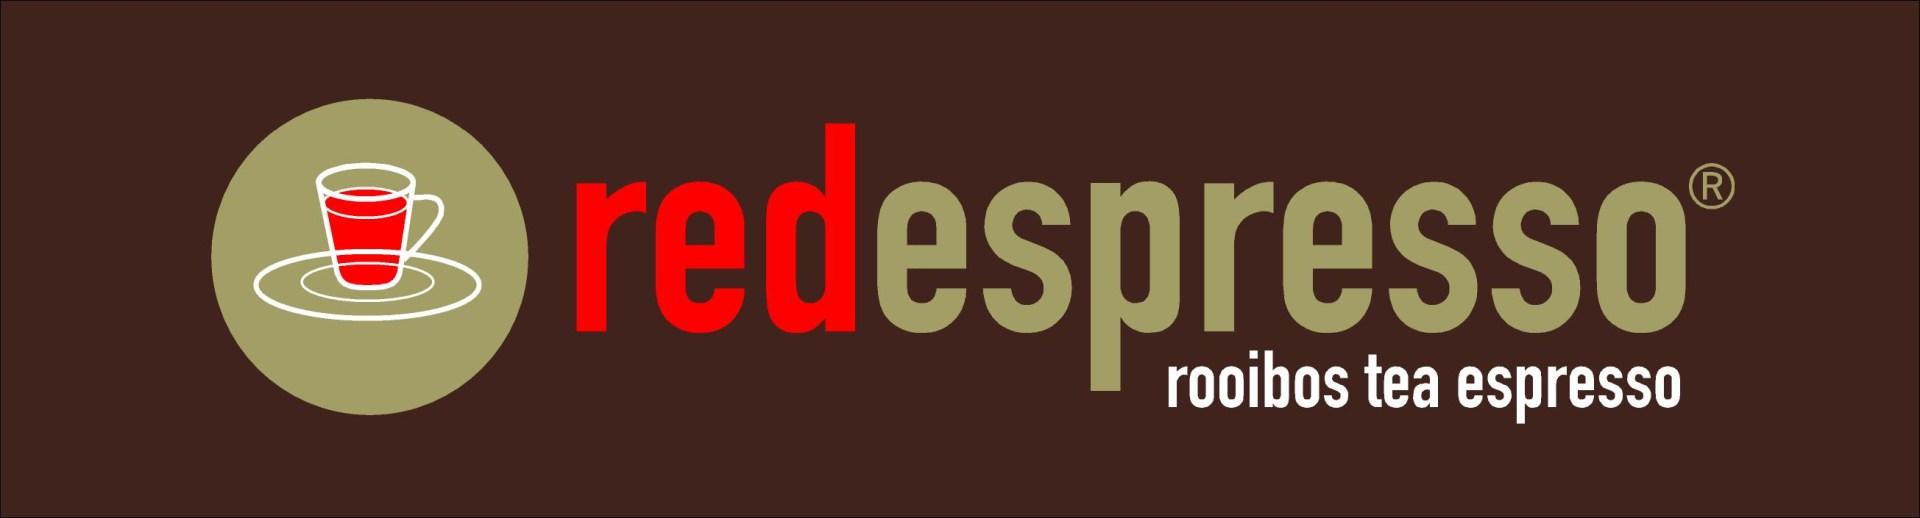 red espresso logo